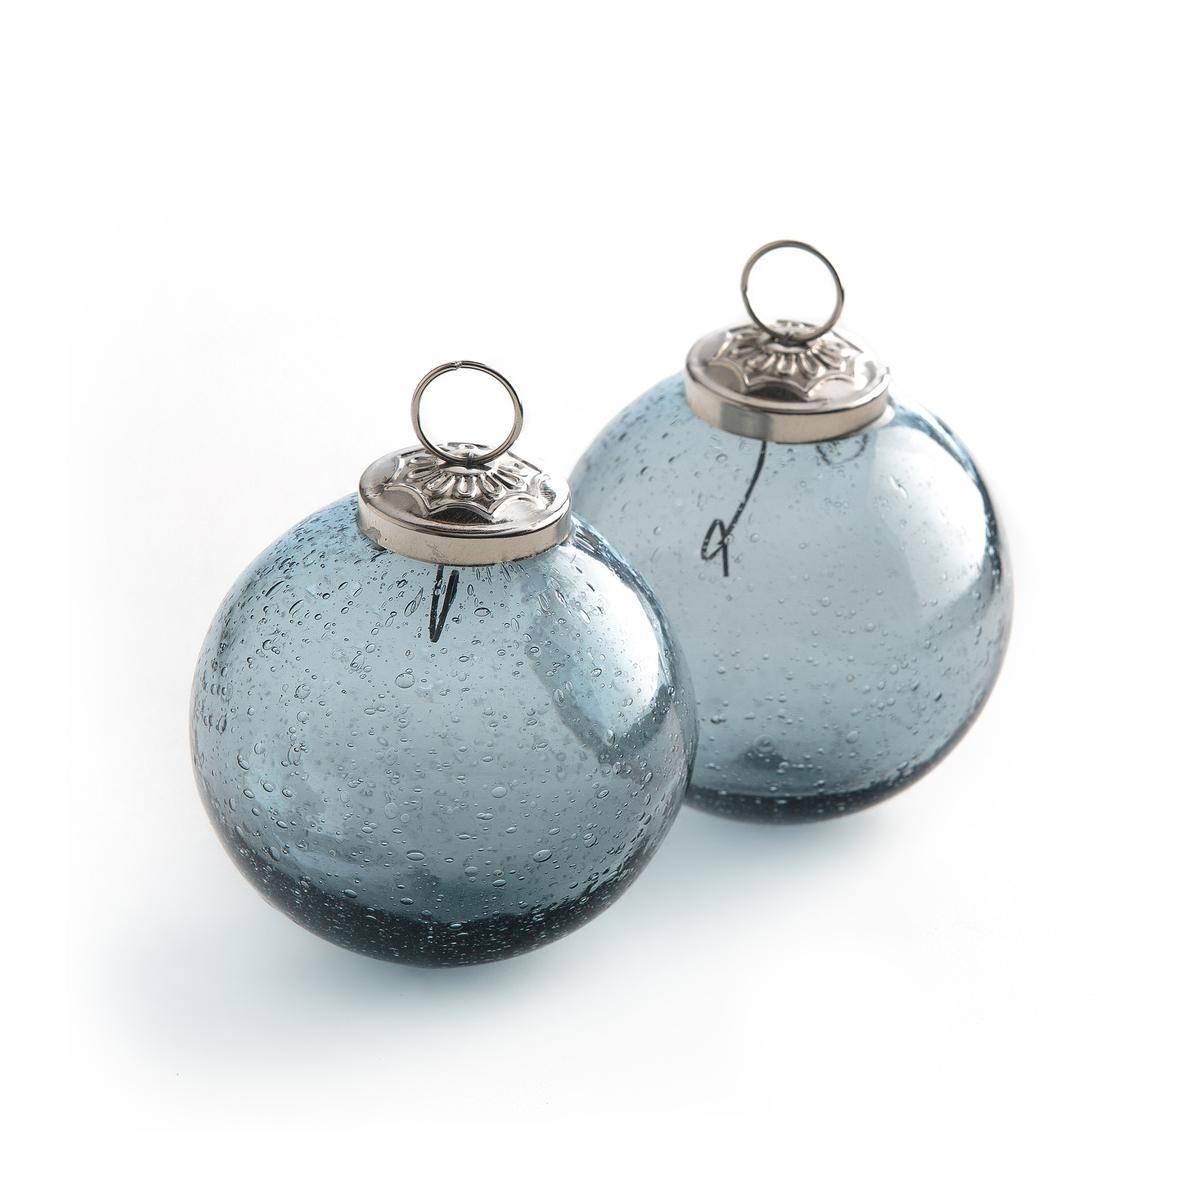 2 елочных шара из стекла Edinia ?7,5 смОписание:2 елочных шара из стекла Edinia. Шары выполнены из дутого стекла с пузырьками, они придадут вашей ели изысканности.<br><br>Цвет: зеленый,синий индиго<br>Размер: единый размер